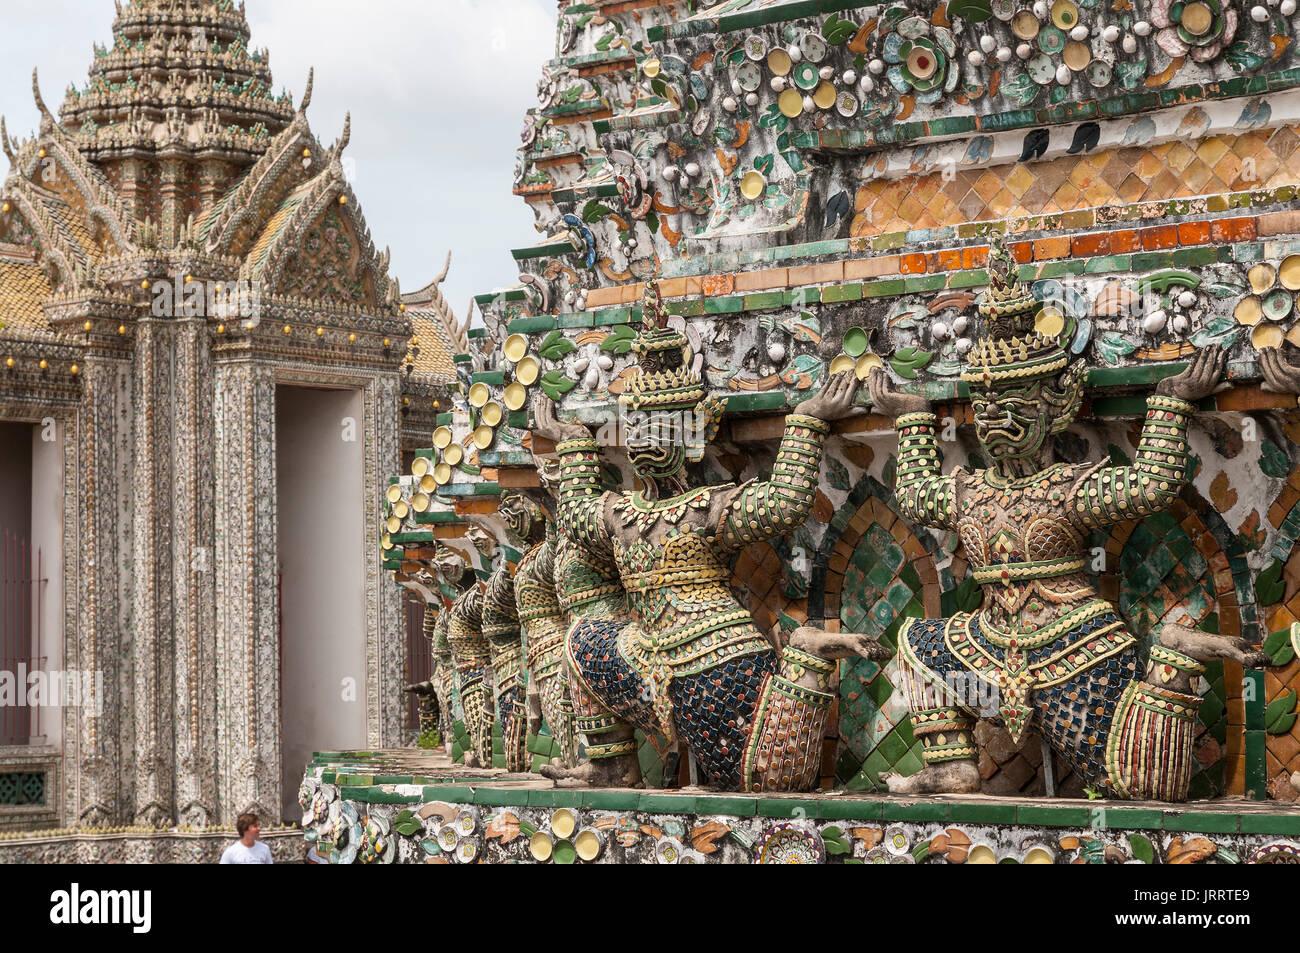 Les chiffres chinois ancien décoré de carreaux de céramique, au Wat Arun temple, sur la rivière Chao Phraya. Yai district, Bangkok, Thaïlande Photo Stock